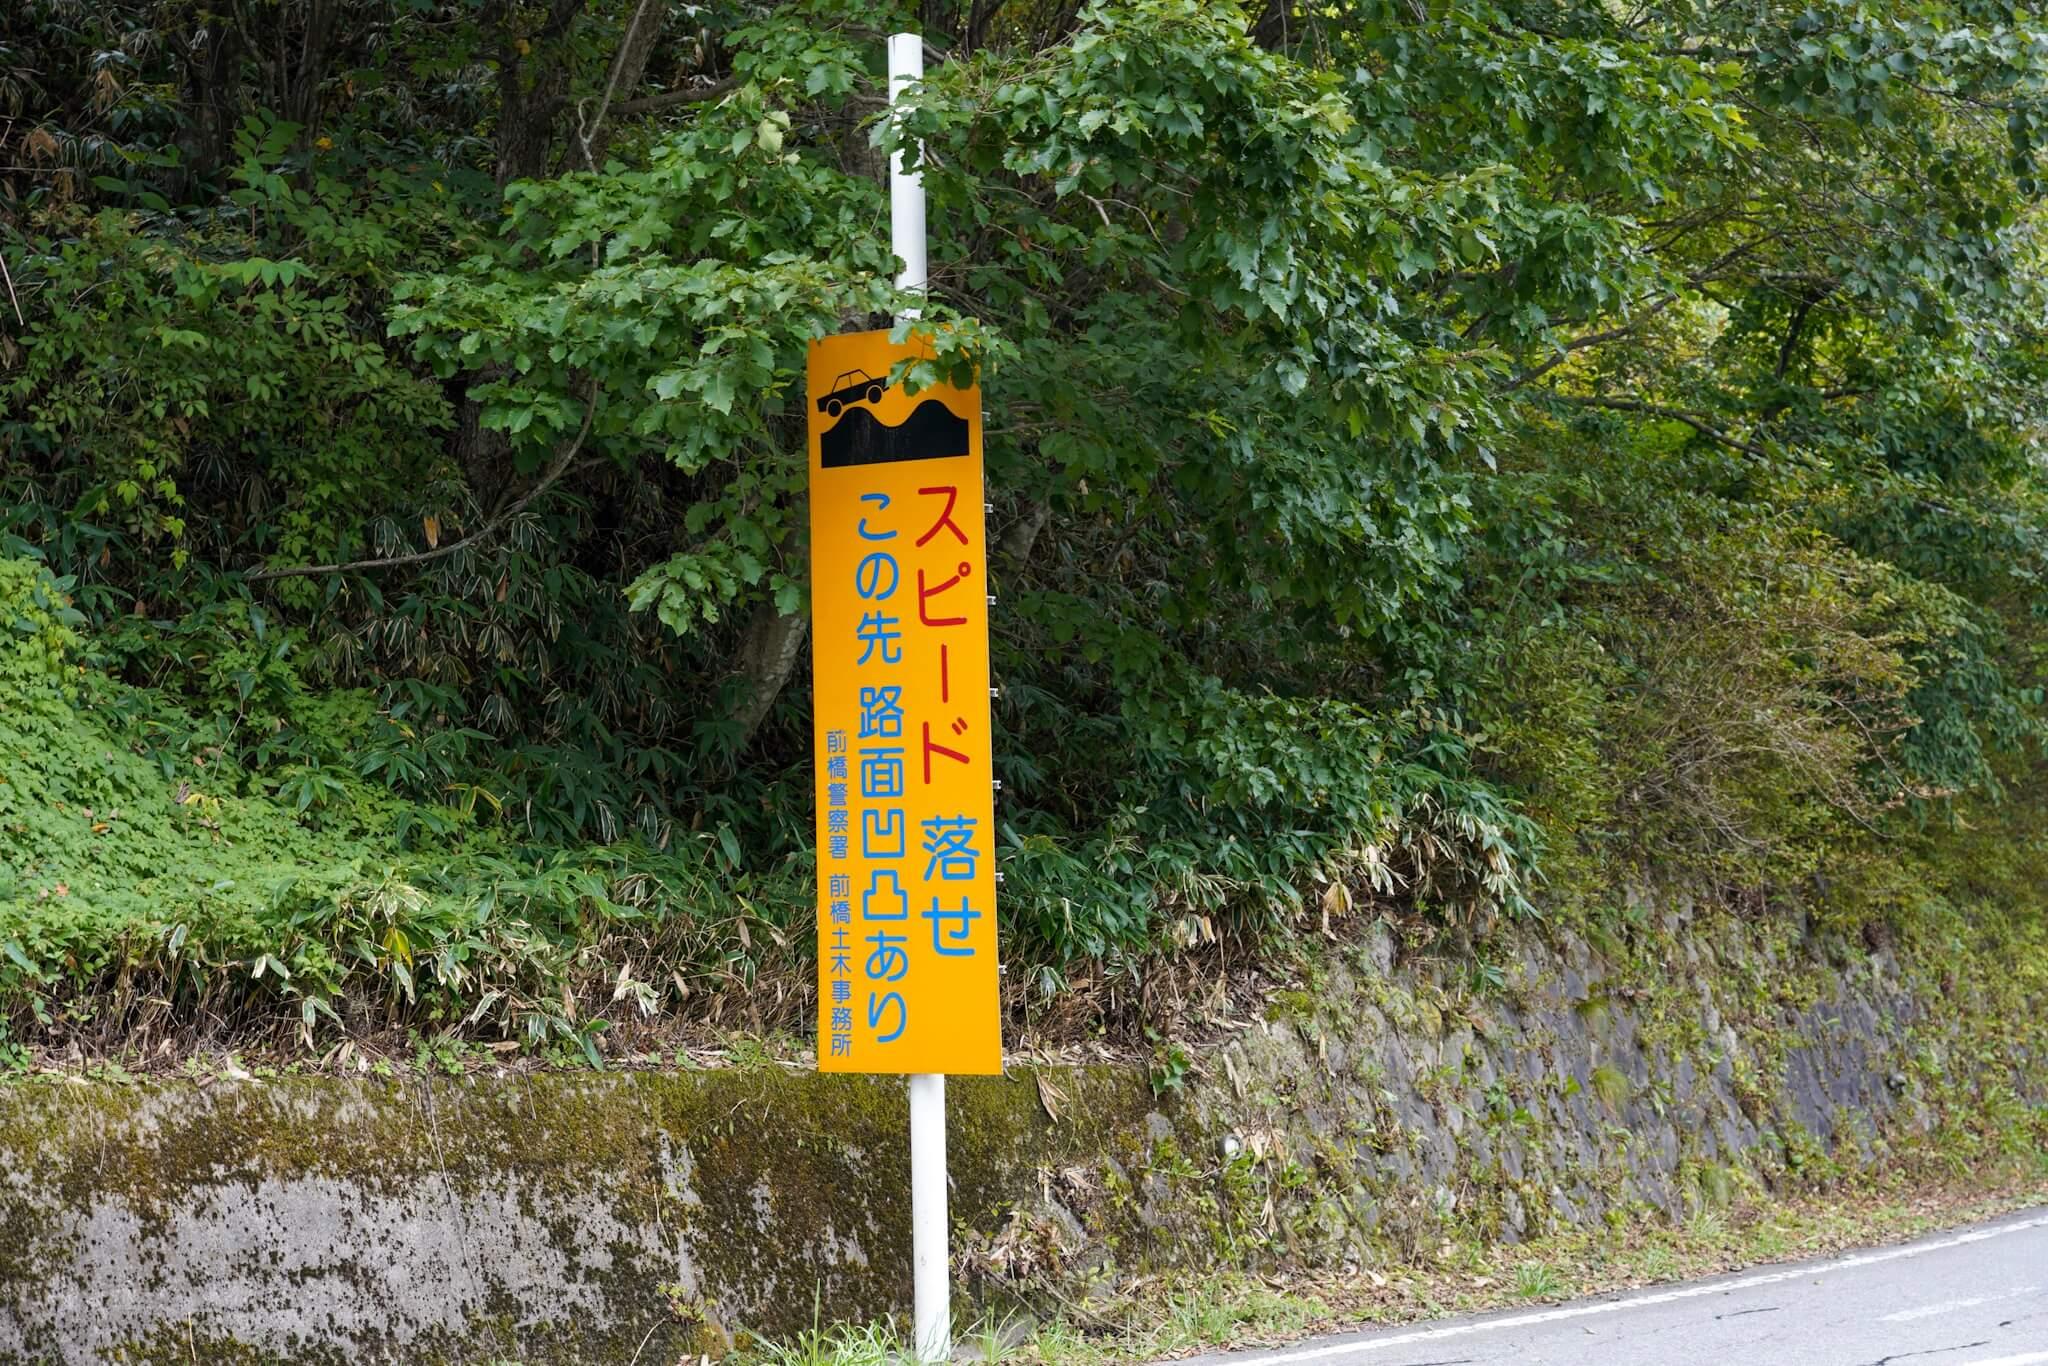 赤城山 峠 カーブNo.63